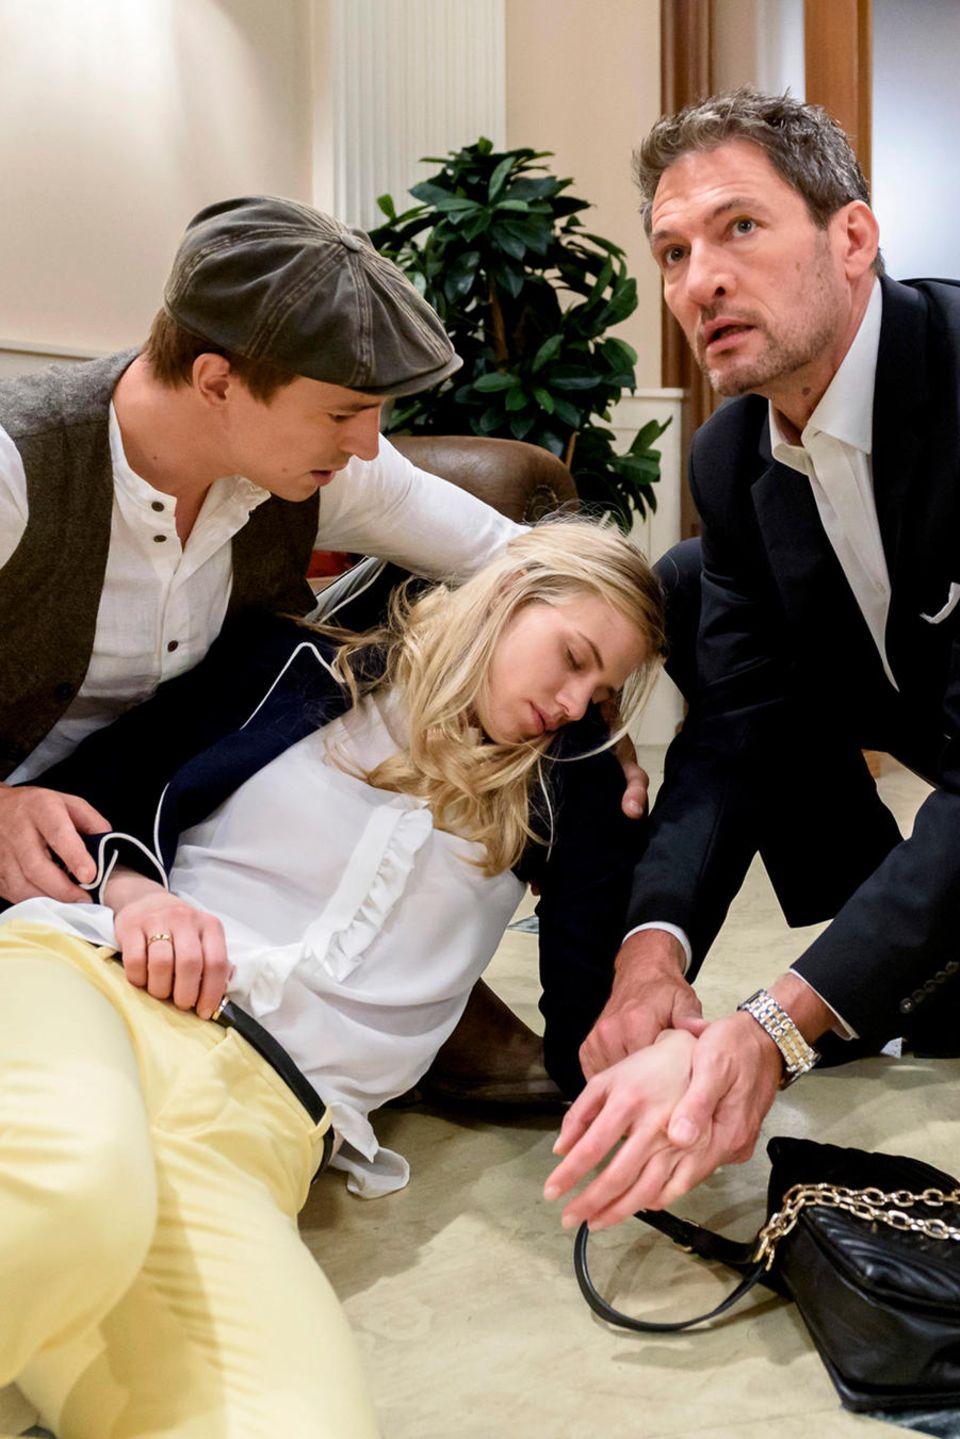 Folge 2989 am Mittwoch (05.09.18): Vor den Augen von Viktor (Sebastian Fischer, l.) und Christoph (Dieter Bach, r.) bricht Alicia (Larissa Marolt, M.) zusammen